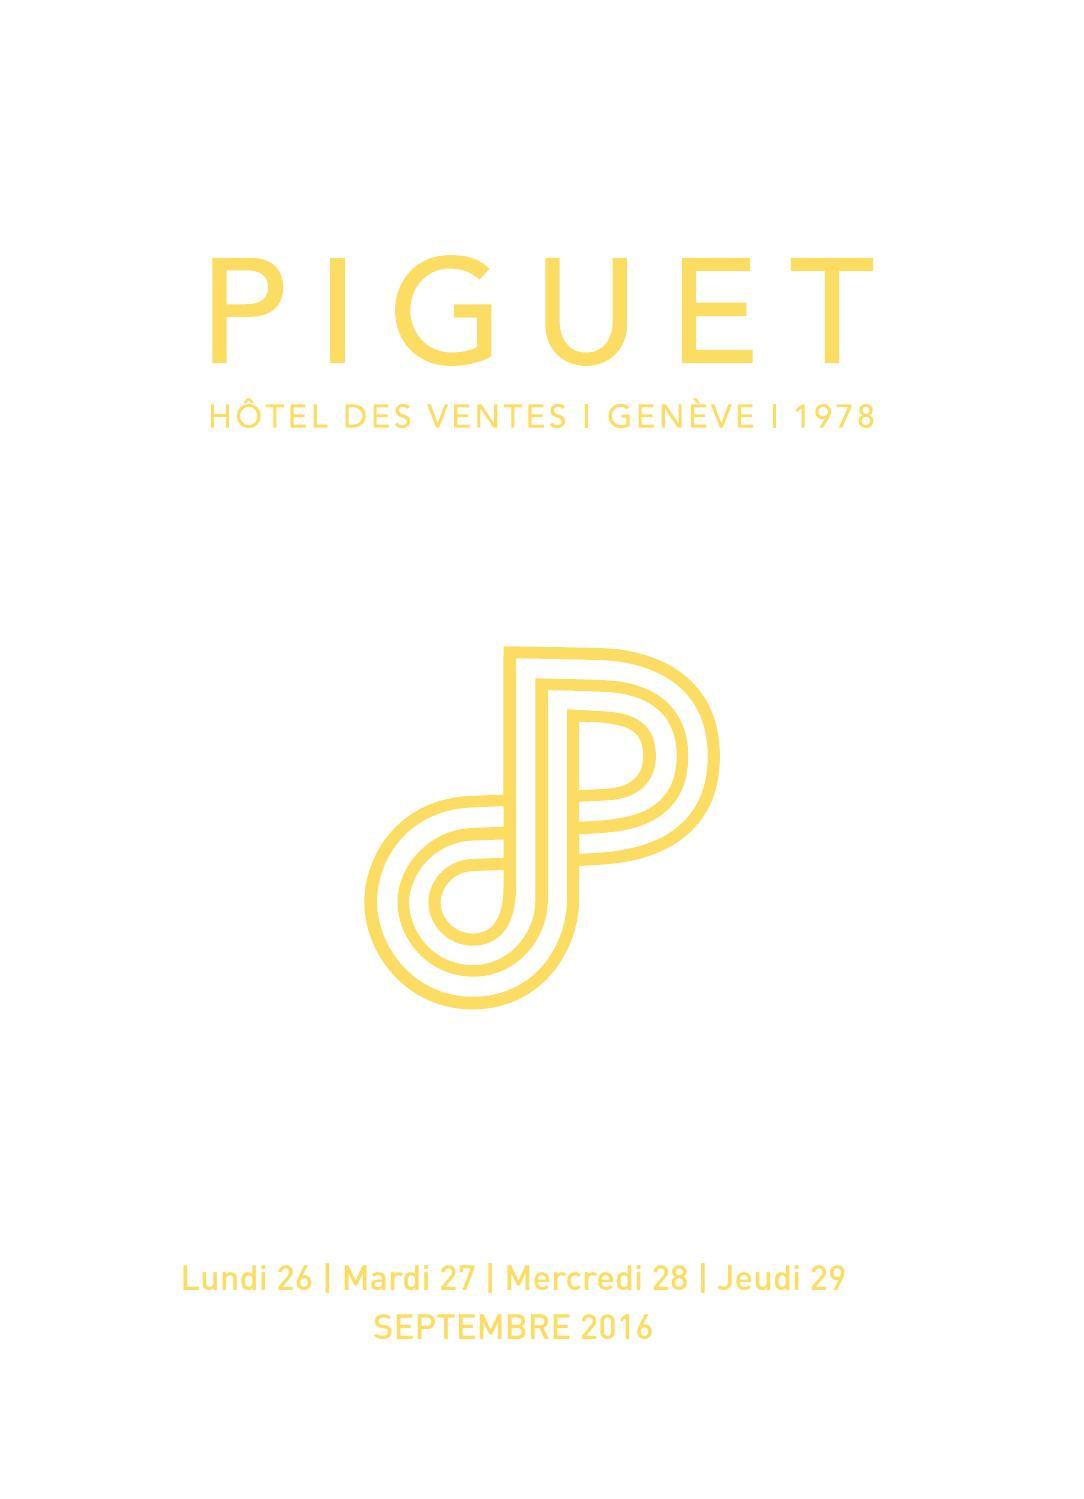 HDV Piguet vente sept 16 catalogue principal by Piguet Hôtel des Ventes    Genève - issuu 1c4fbb019b60